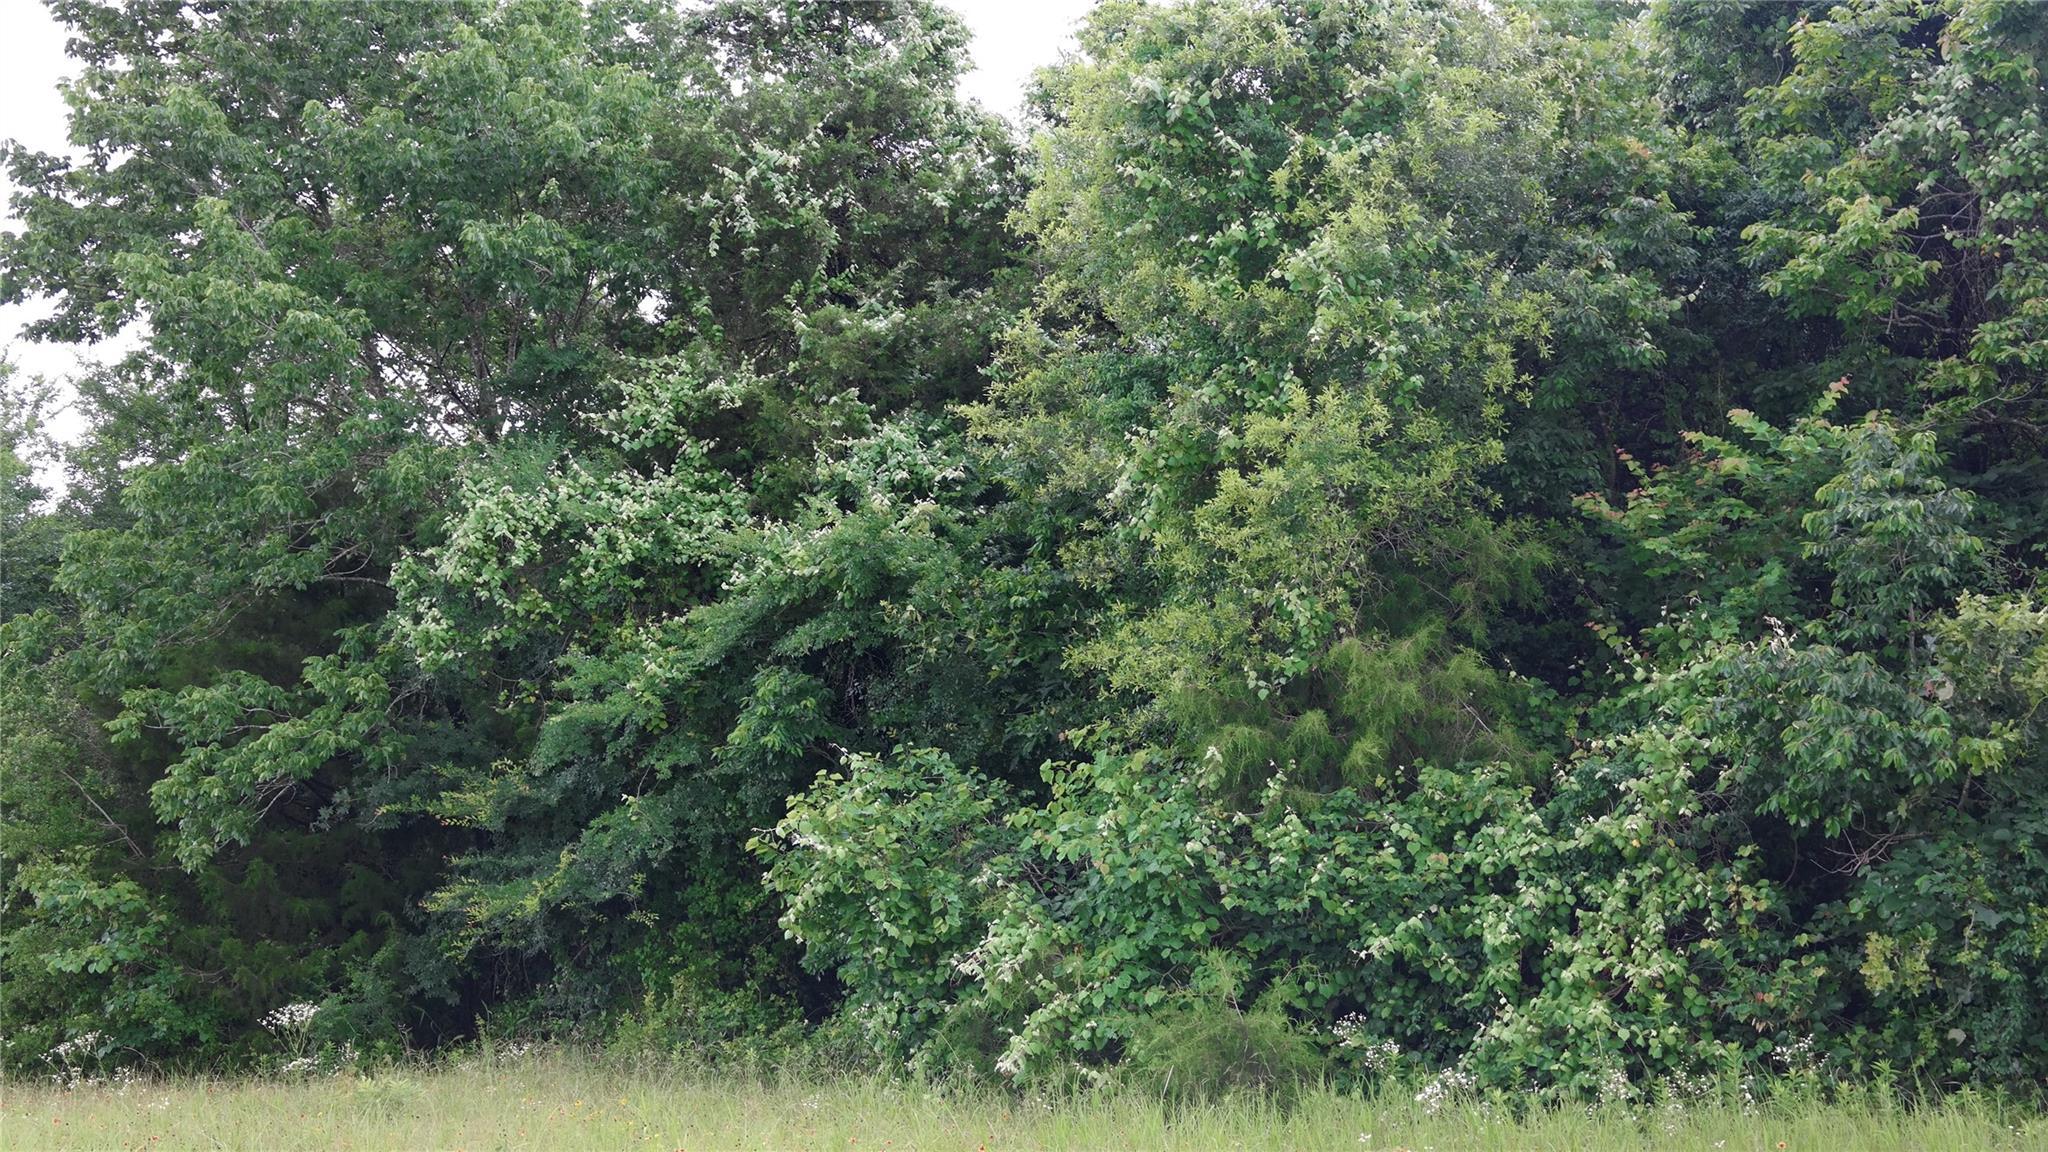 000 I 45 N Feeder Road Property Photo